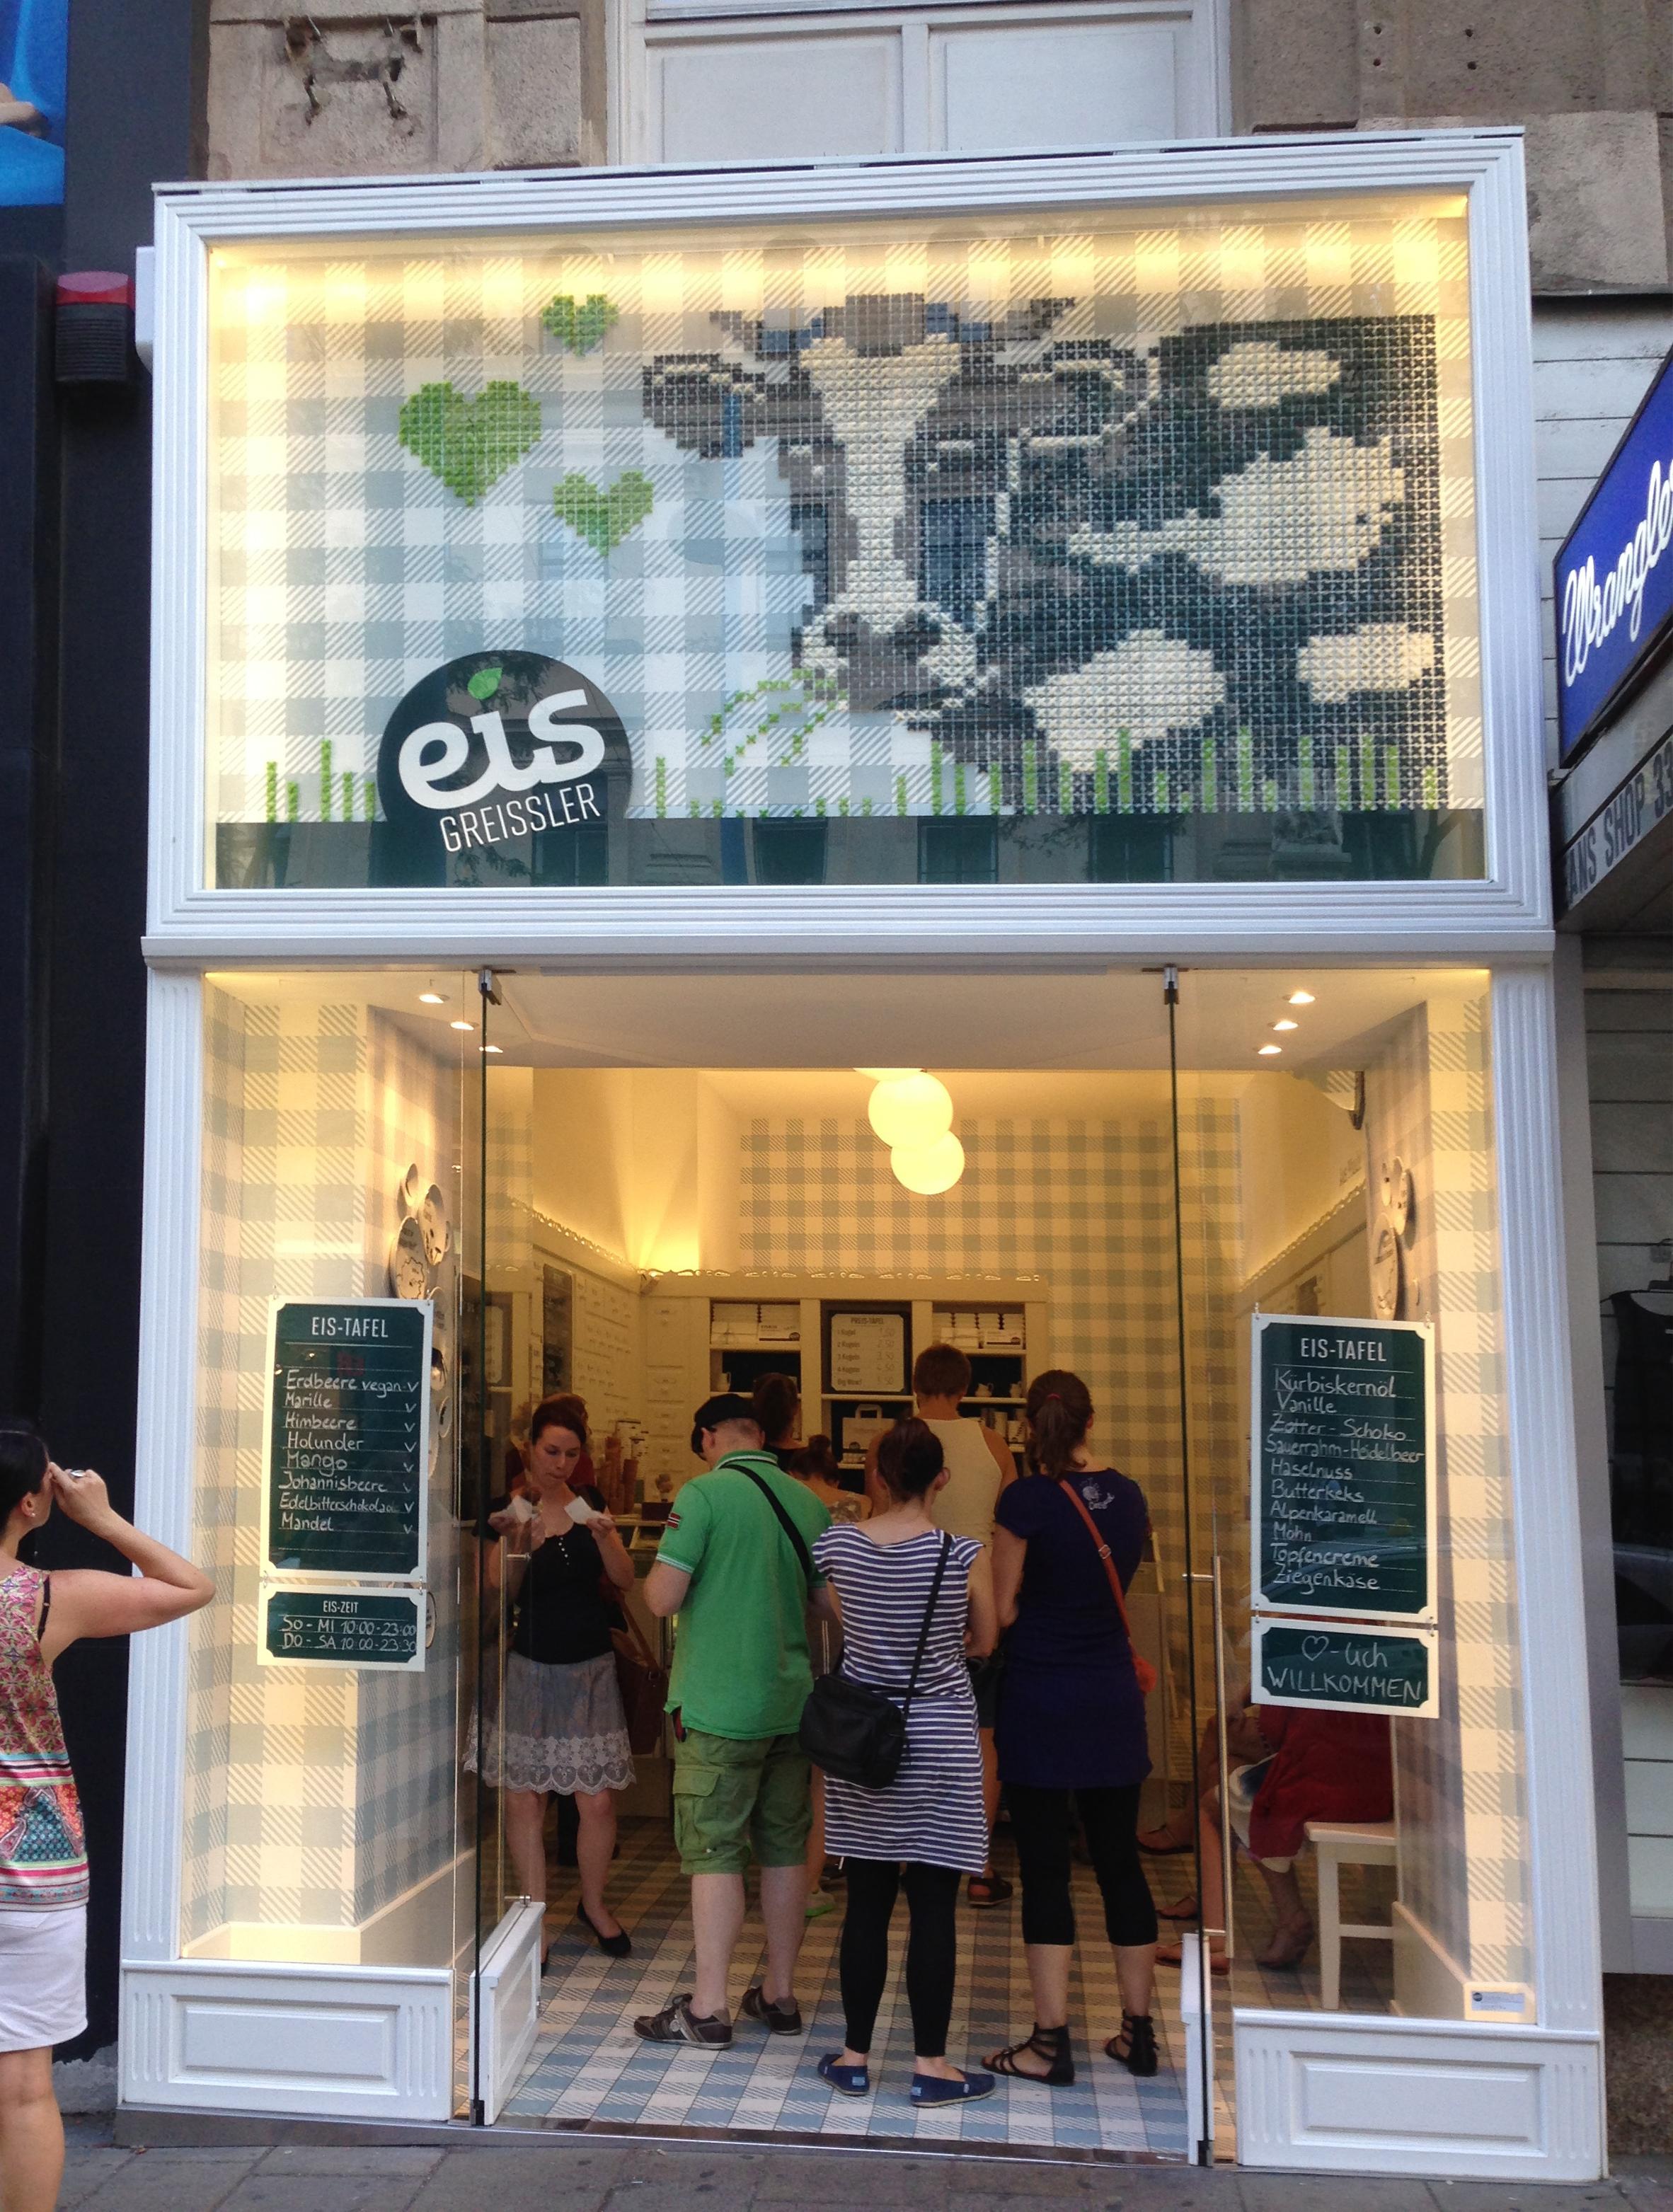 Eis Greissler Ice Cream Parlour Vienna Mycityhighlight